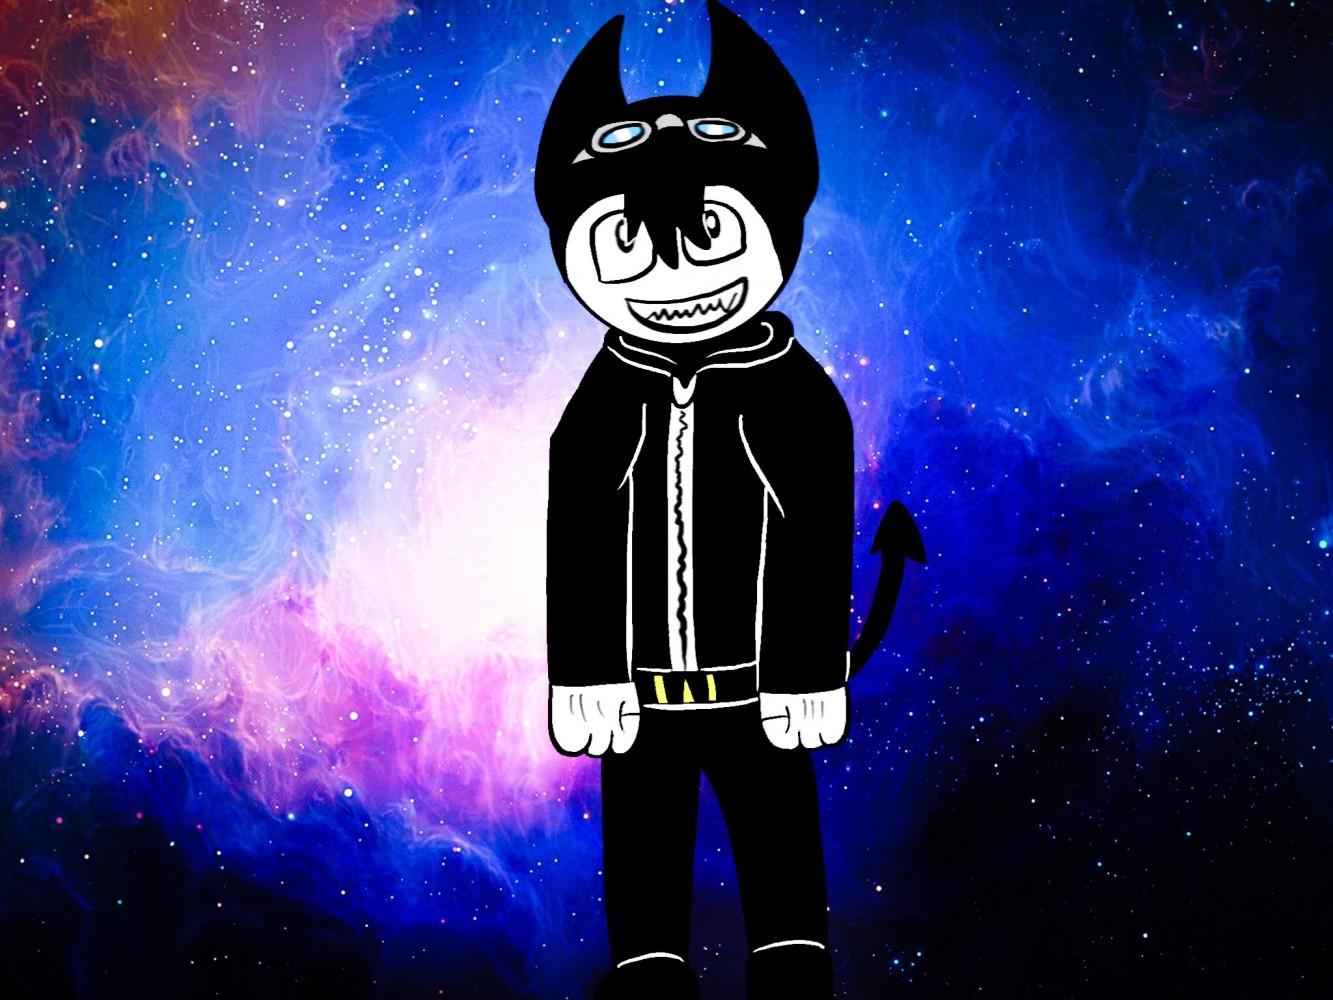 main-image-Bendy pro art uploaded by bendypro